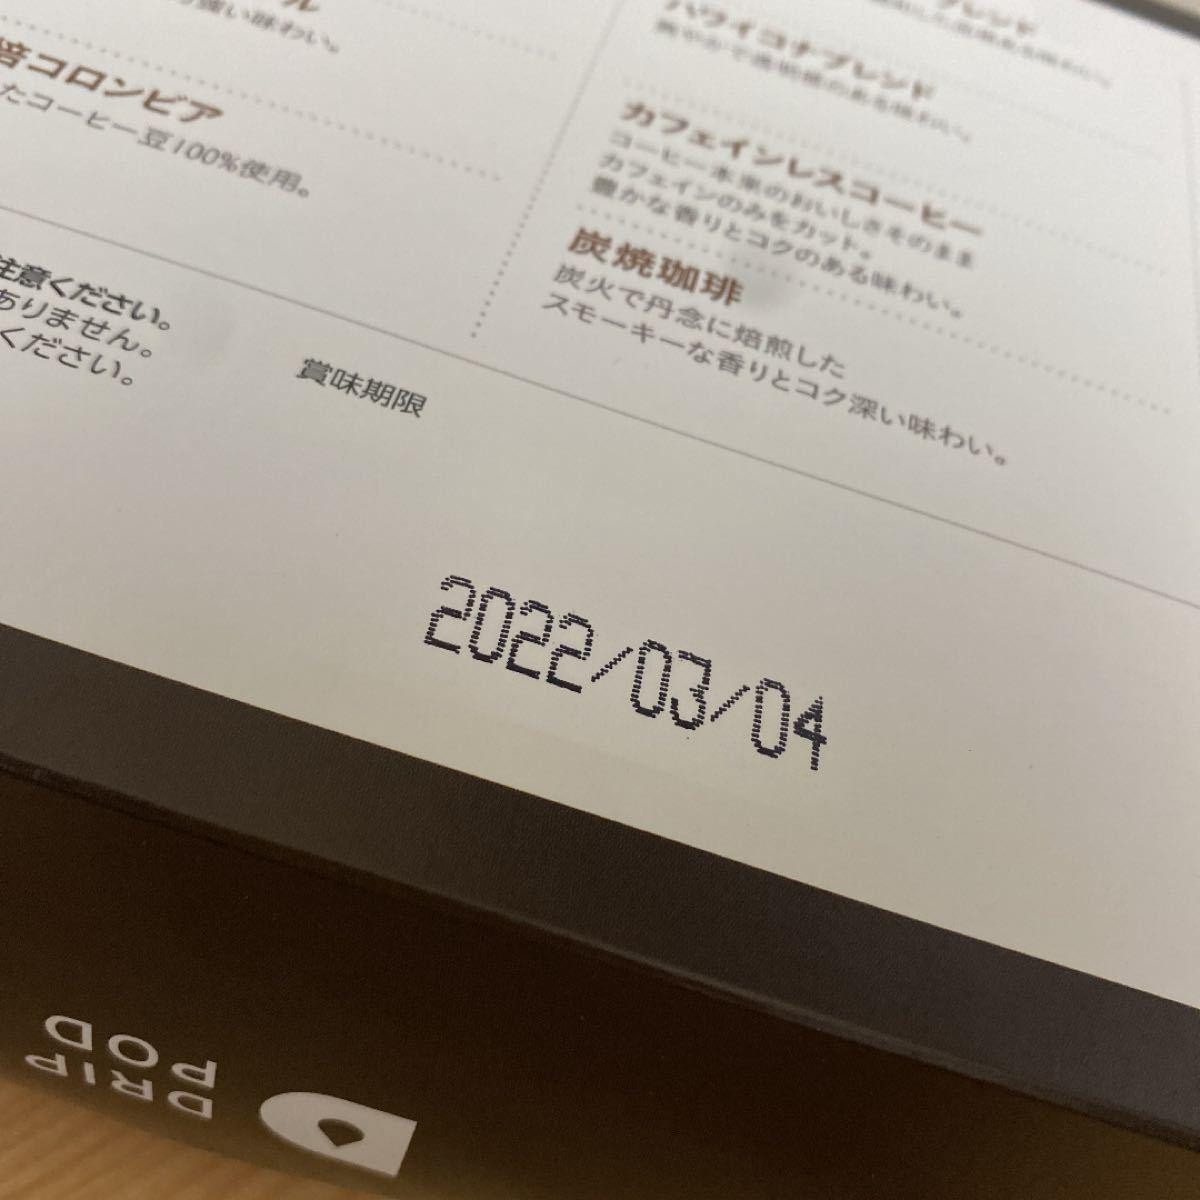 【値下げ】【新品未使用】UCC DRIPPODドリップポッド赤カプセル26個付き